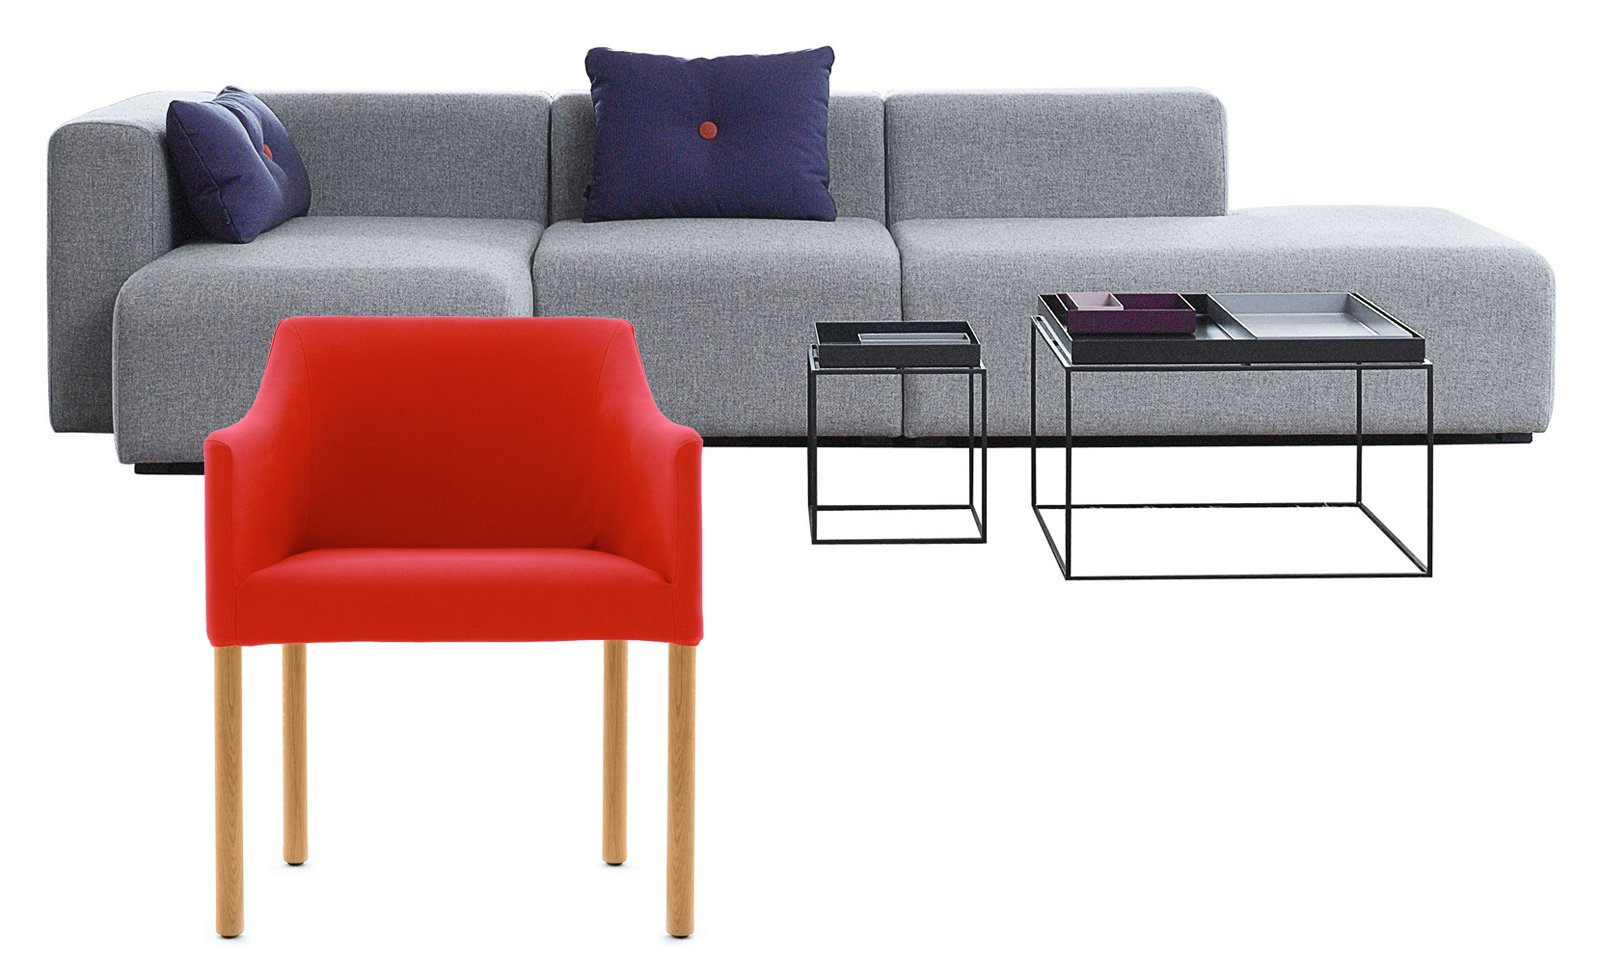 Poltrona e divano idee per abbinarli cose di casa for Divano minimal